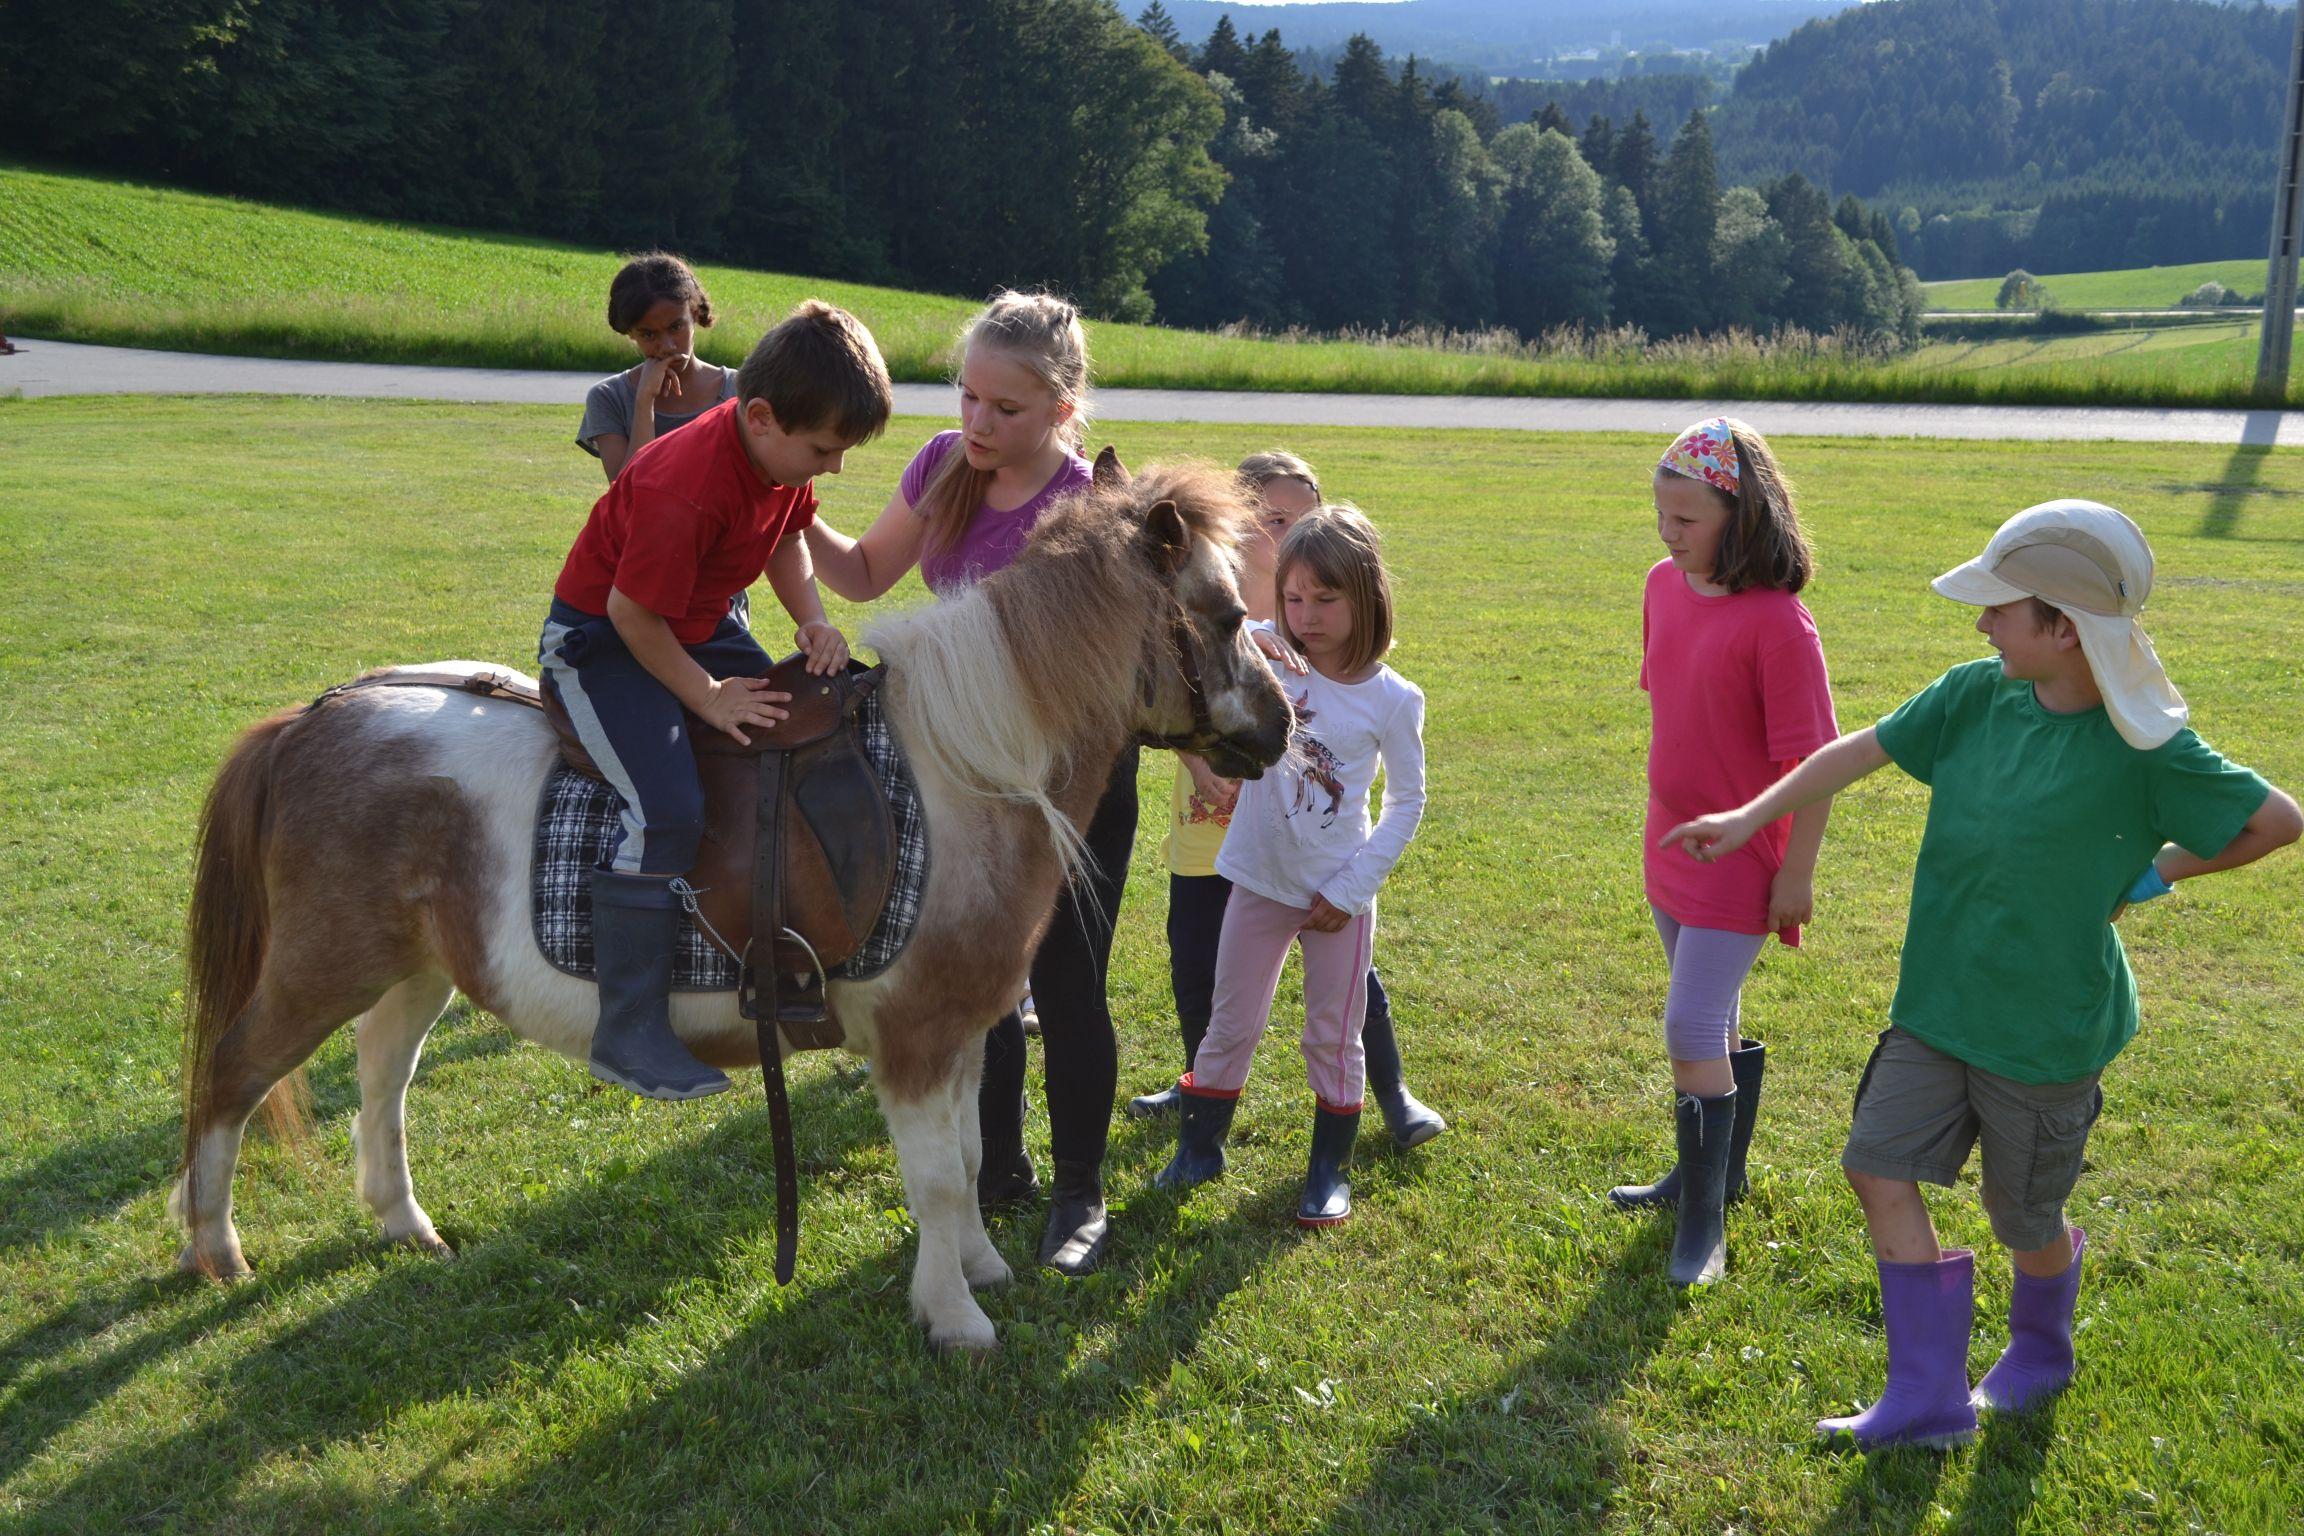 Reiten auf dem Pony auf dem Landhaus Altweck